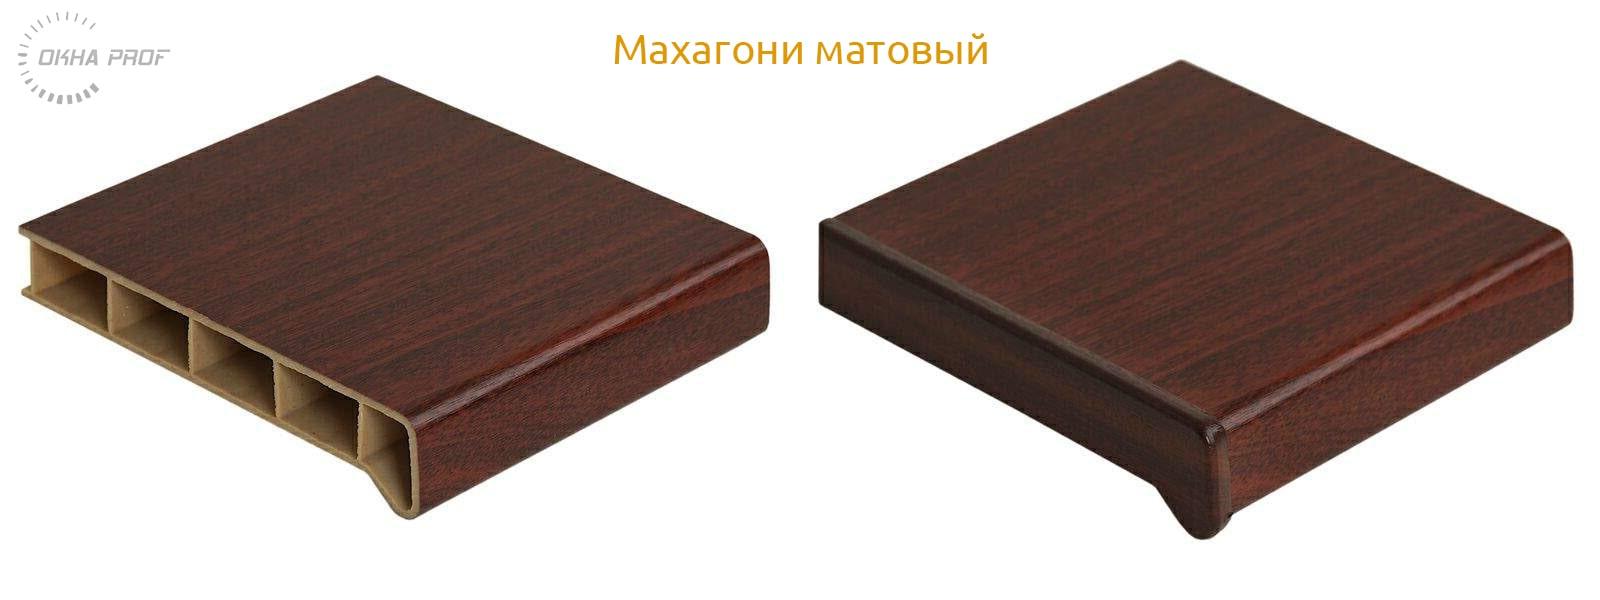 podokonnik-decor-donetsk-oknaprof-moeller-011